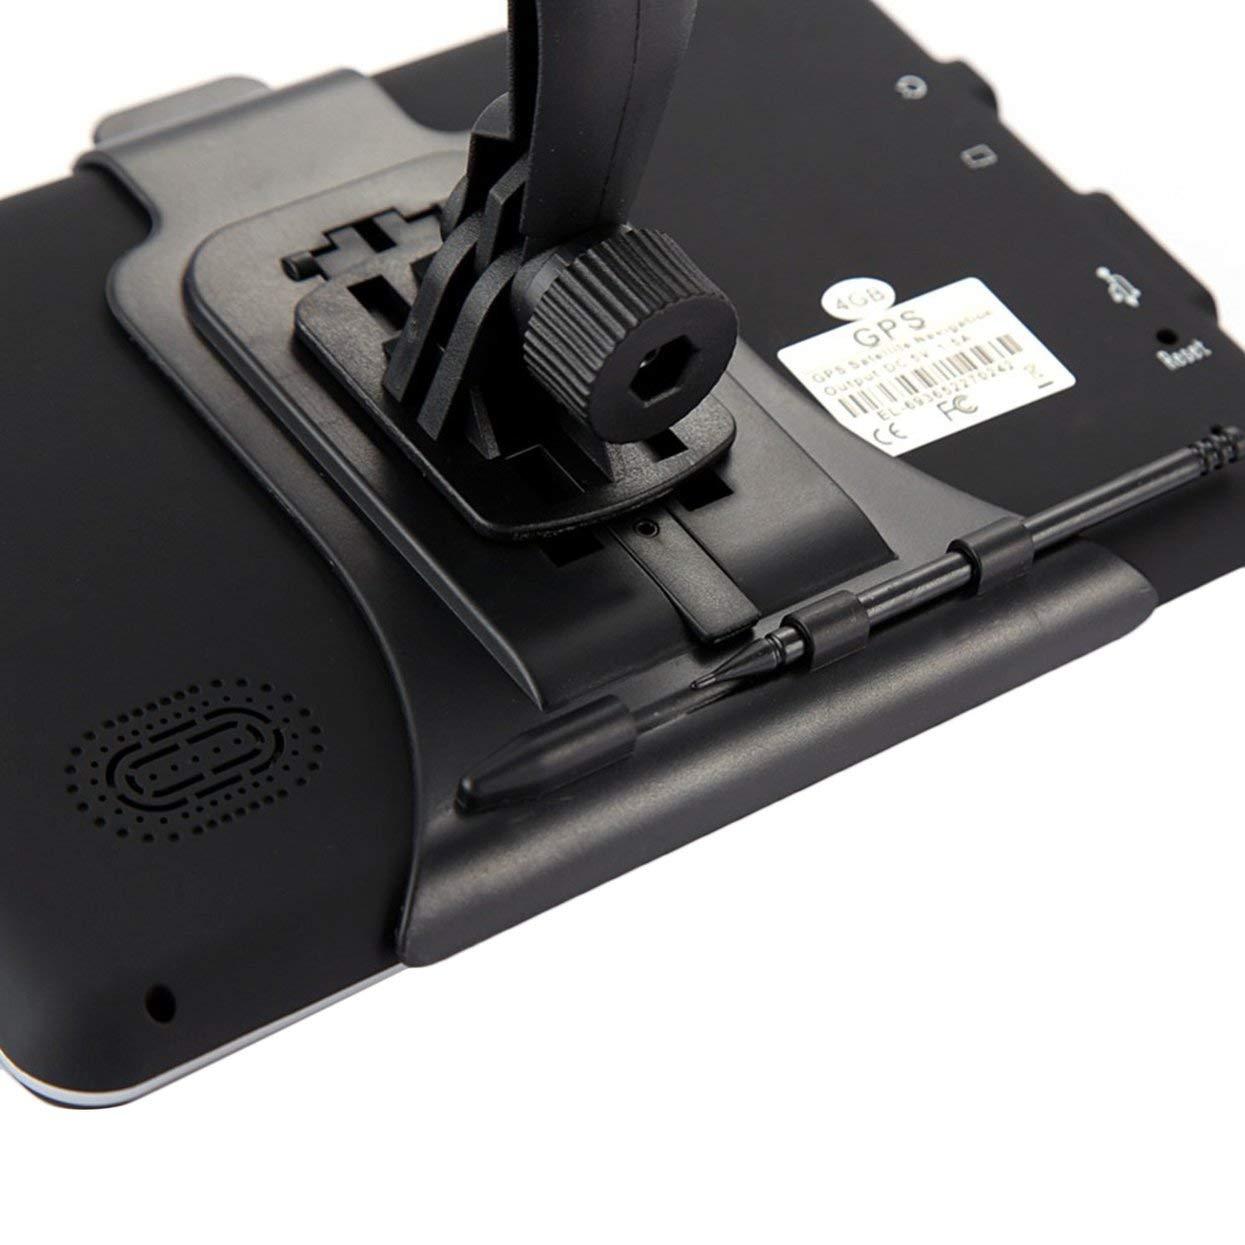 Pantalla capacitiva Posici/ón precisa Tellabouu for 710 Sensor t/áctil 8GB Navegador FM C/ámara de Marcha atr/ás 256M Navegaci/ón GPS para Camiones de 7 Pulgadas